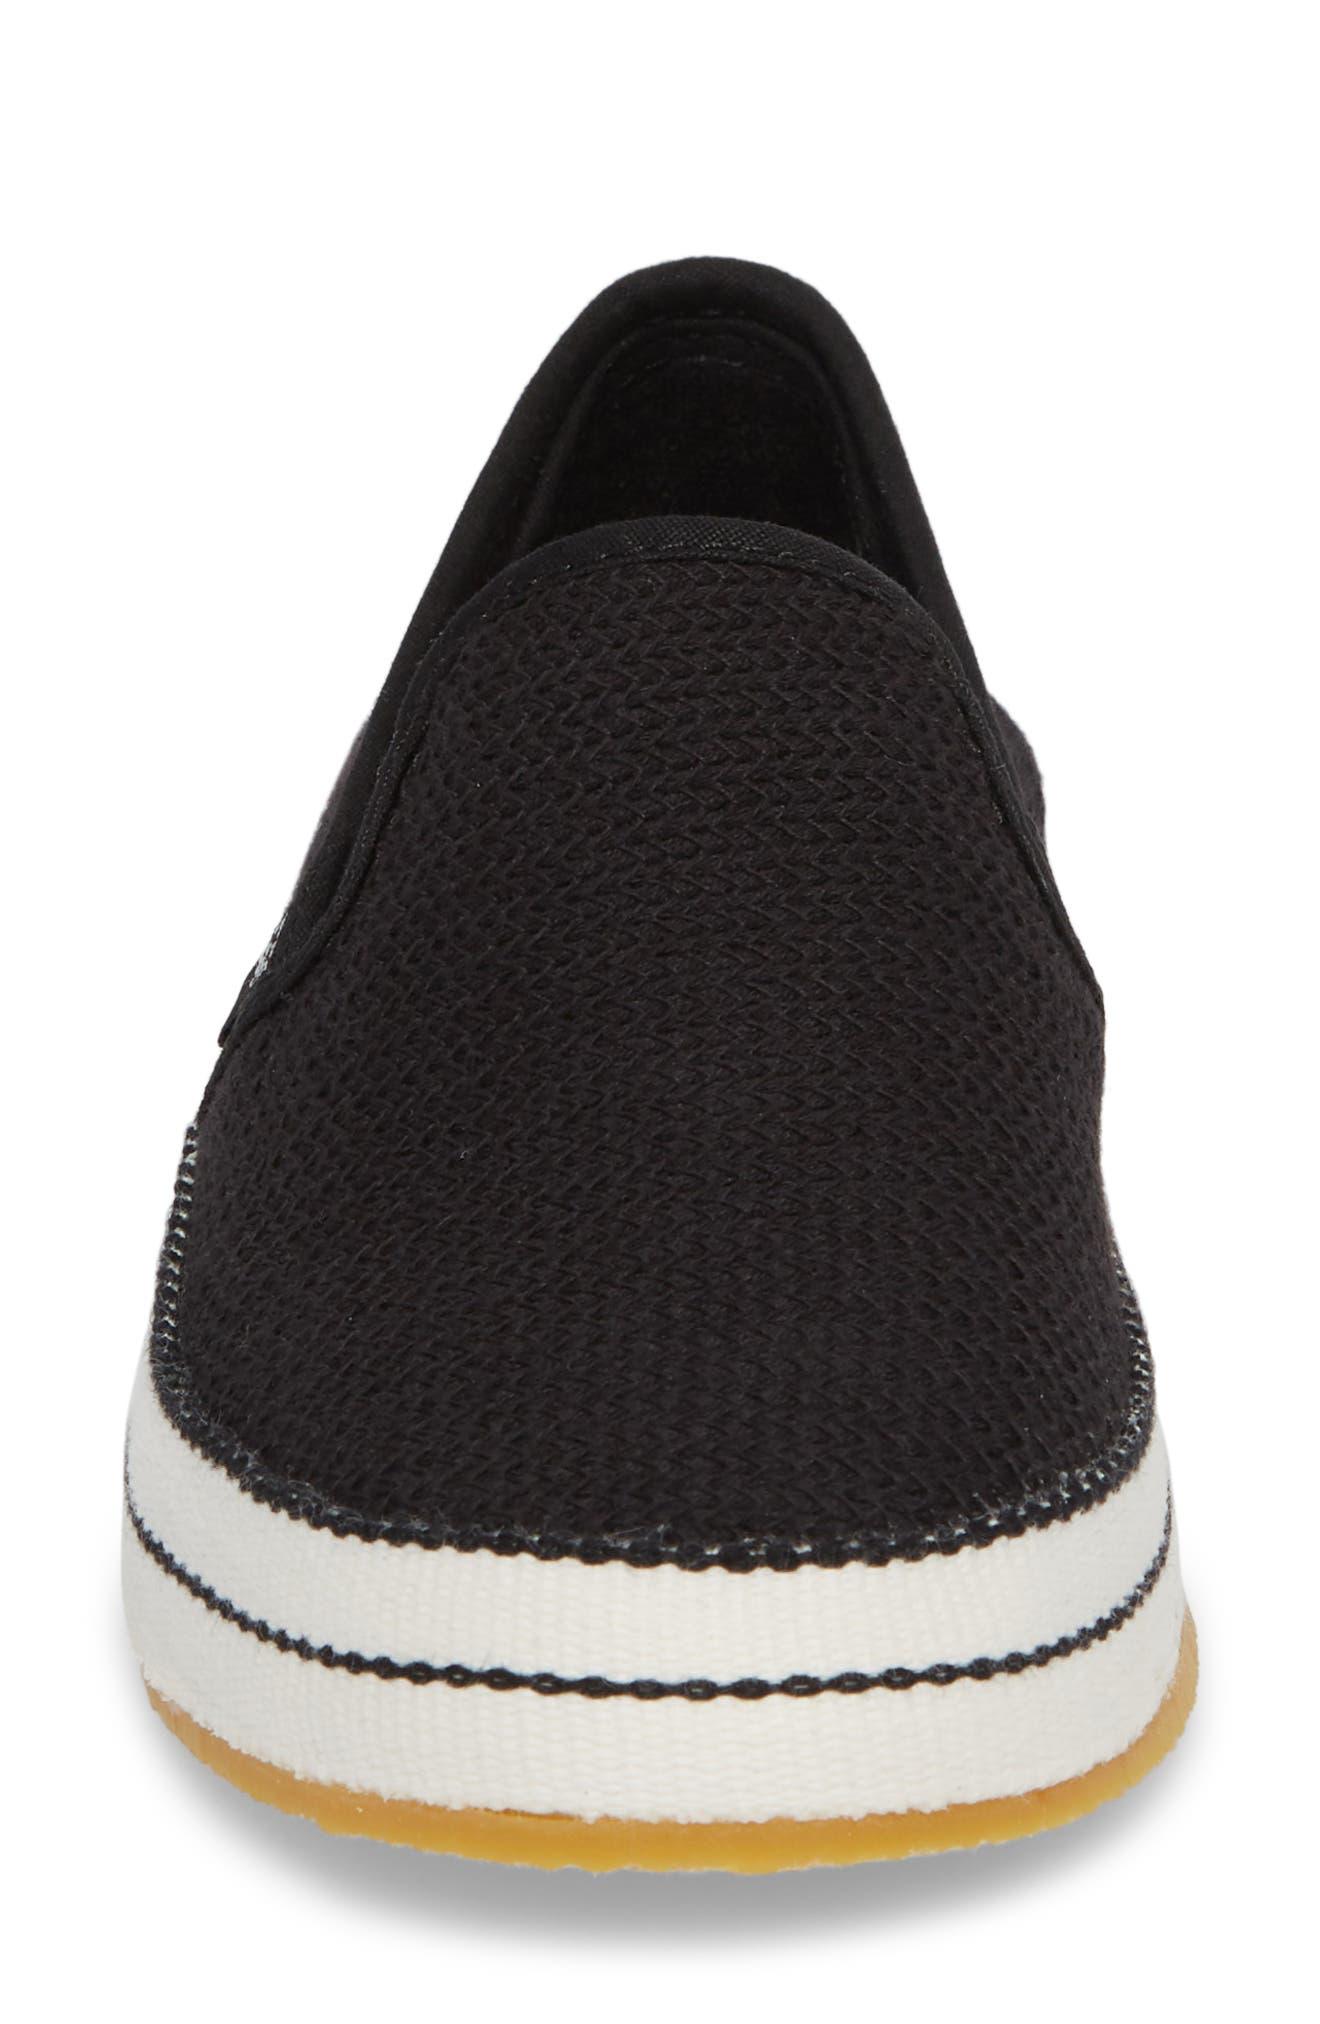 UGG<SUP>®</SUP>, Bren Slip-On Sneaker, Alternate thumbnail 4, color, BLACK